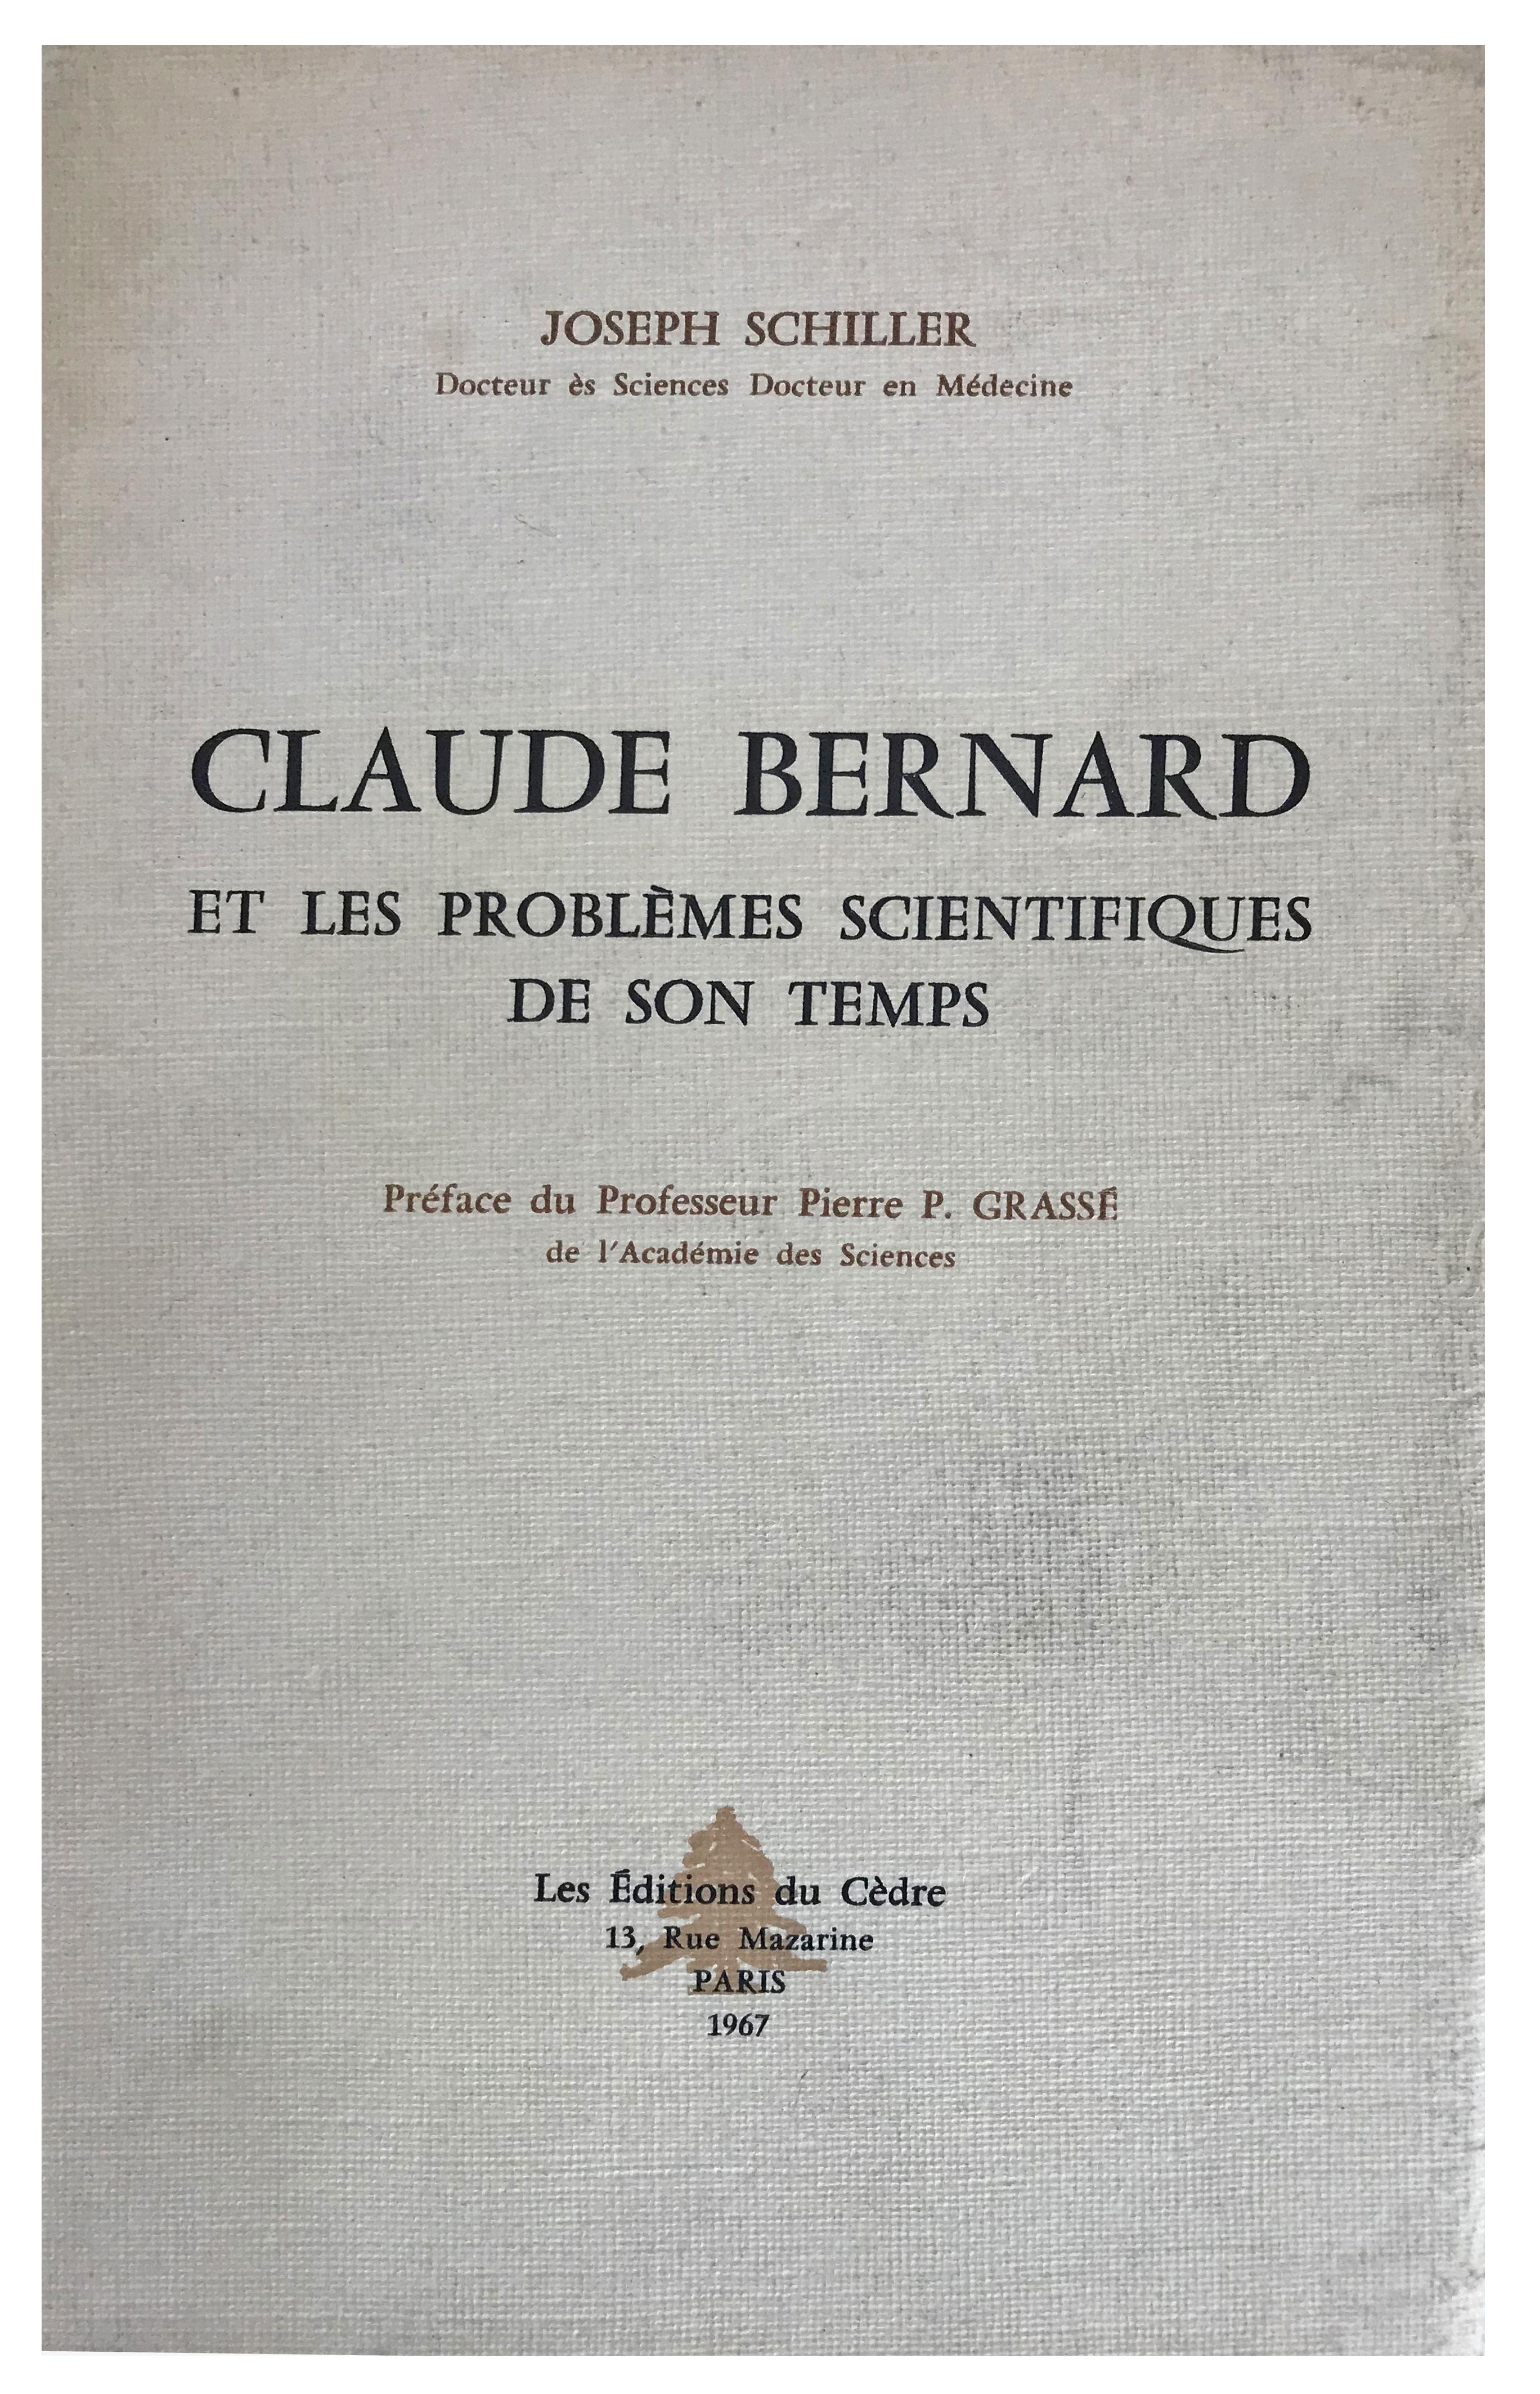 Image for Claude Bernard et les Problemes Scientifiques de son Temps.